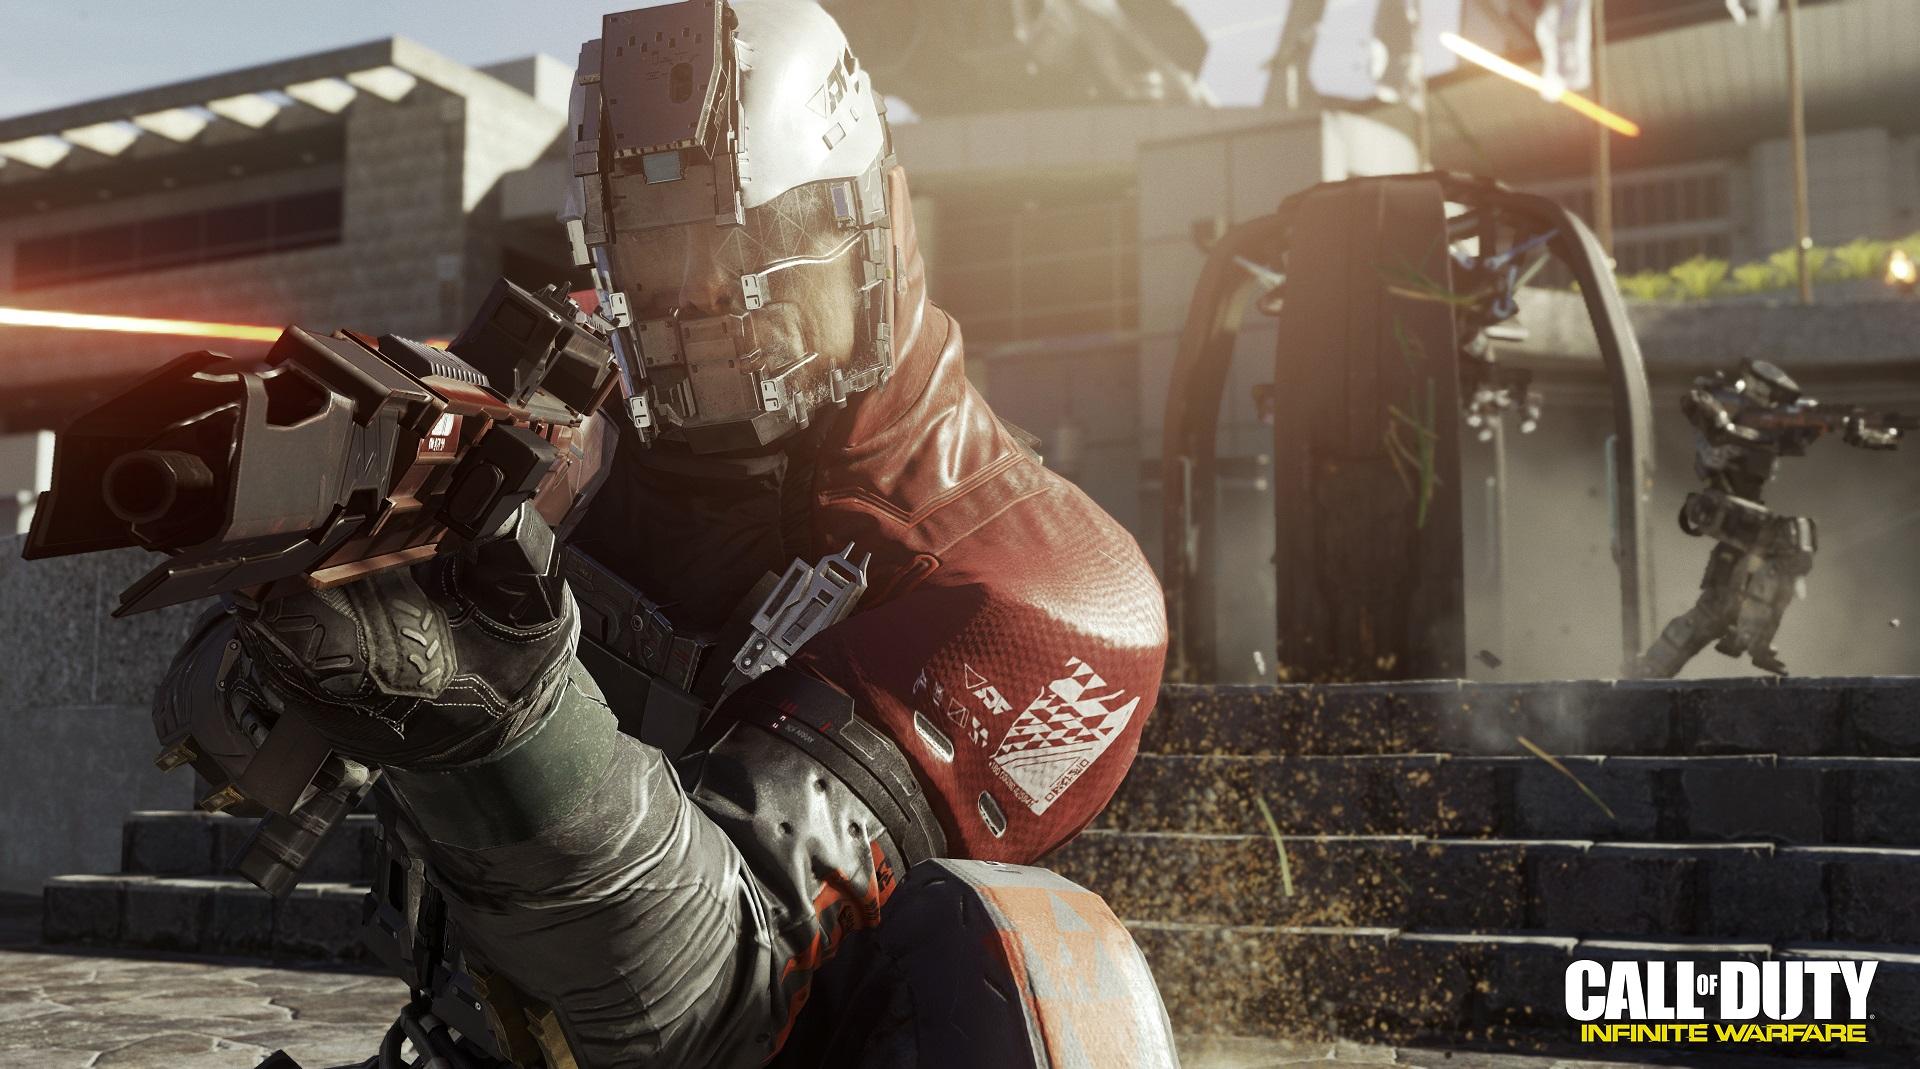 Har du lyst på Modern Warfare, må du kjøpe Infinite Warfare.